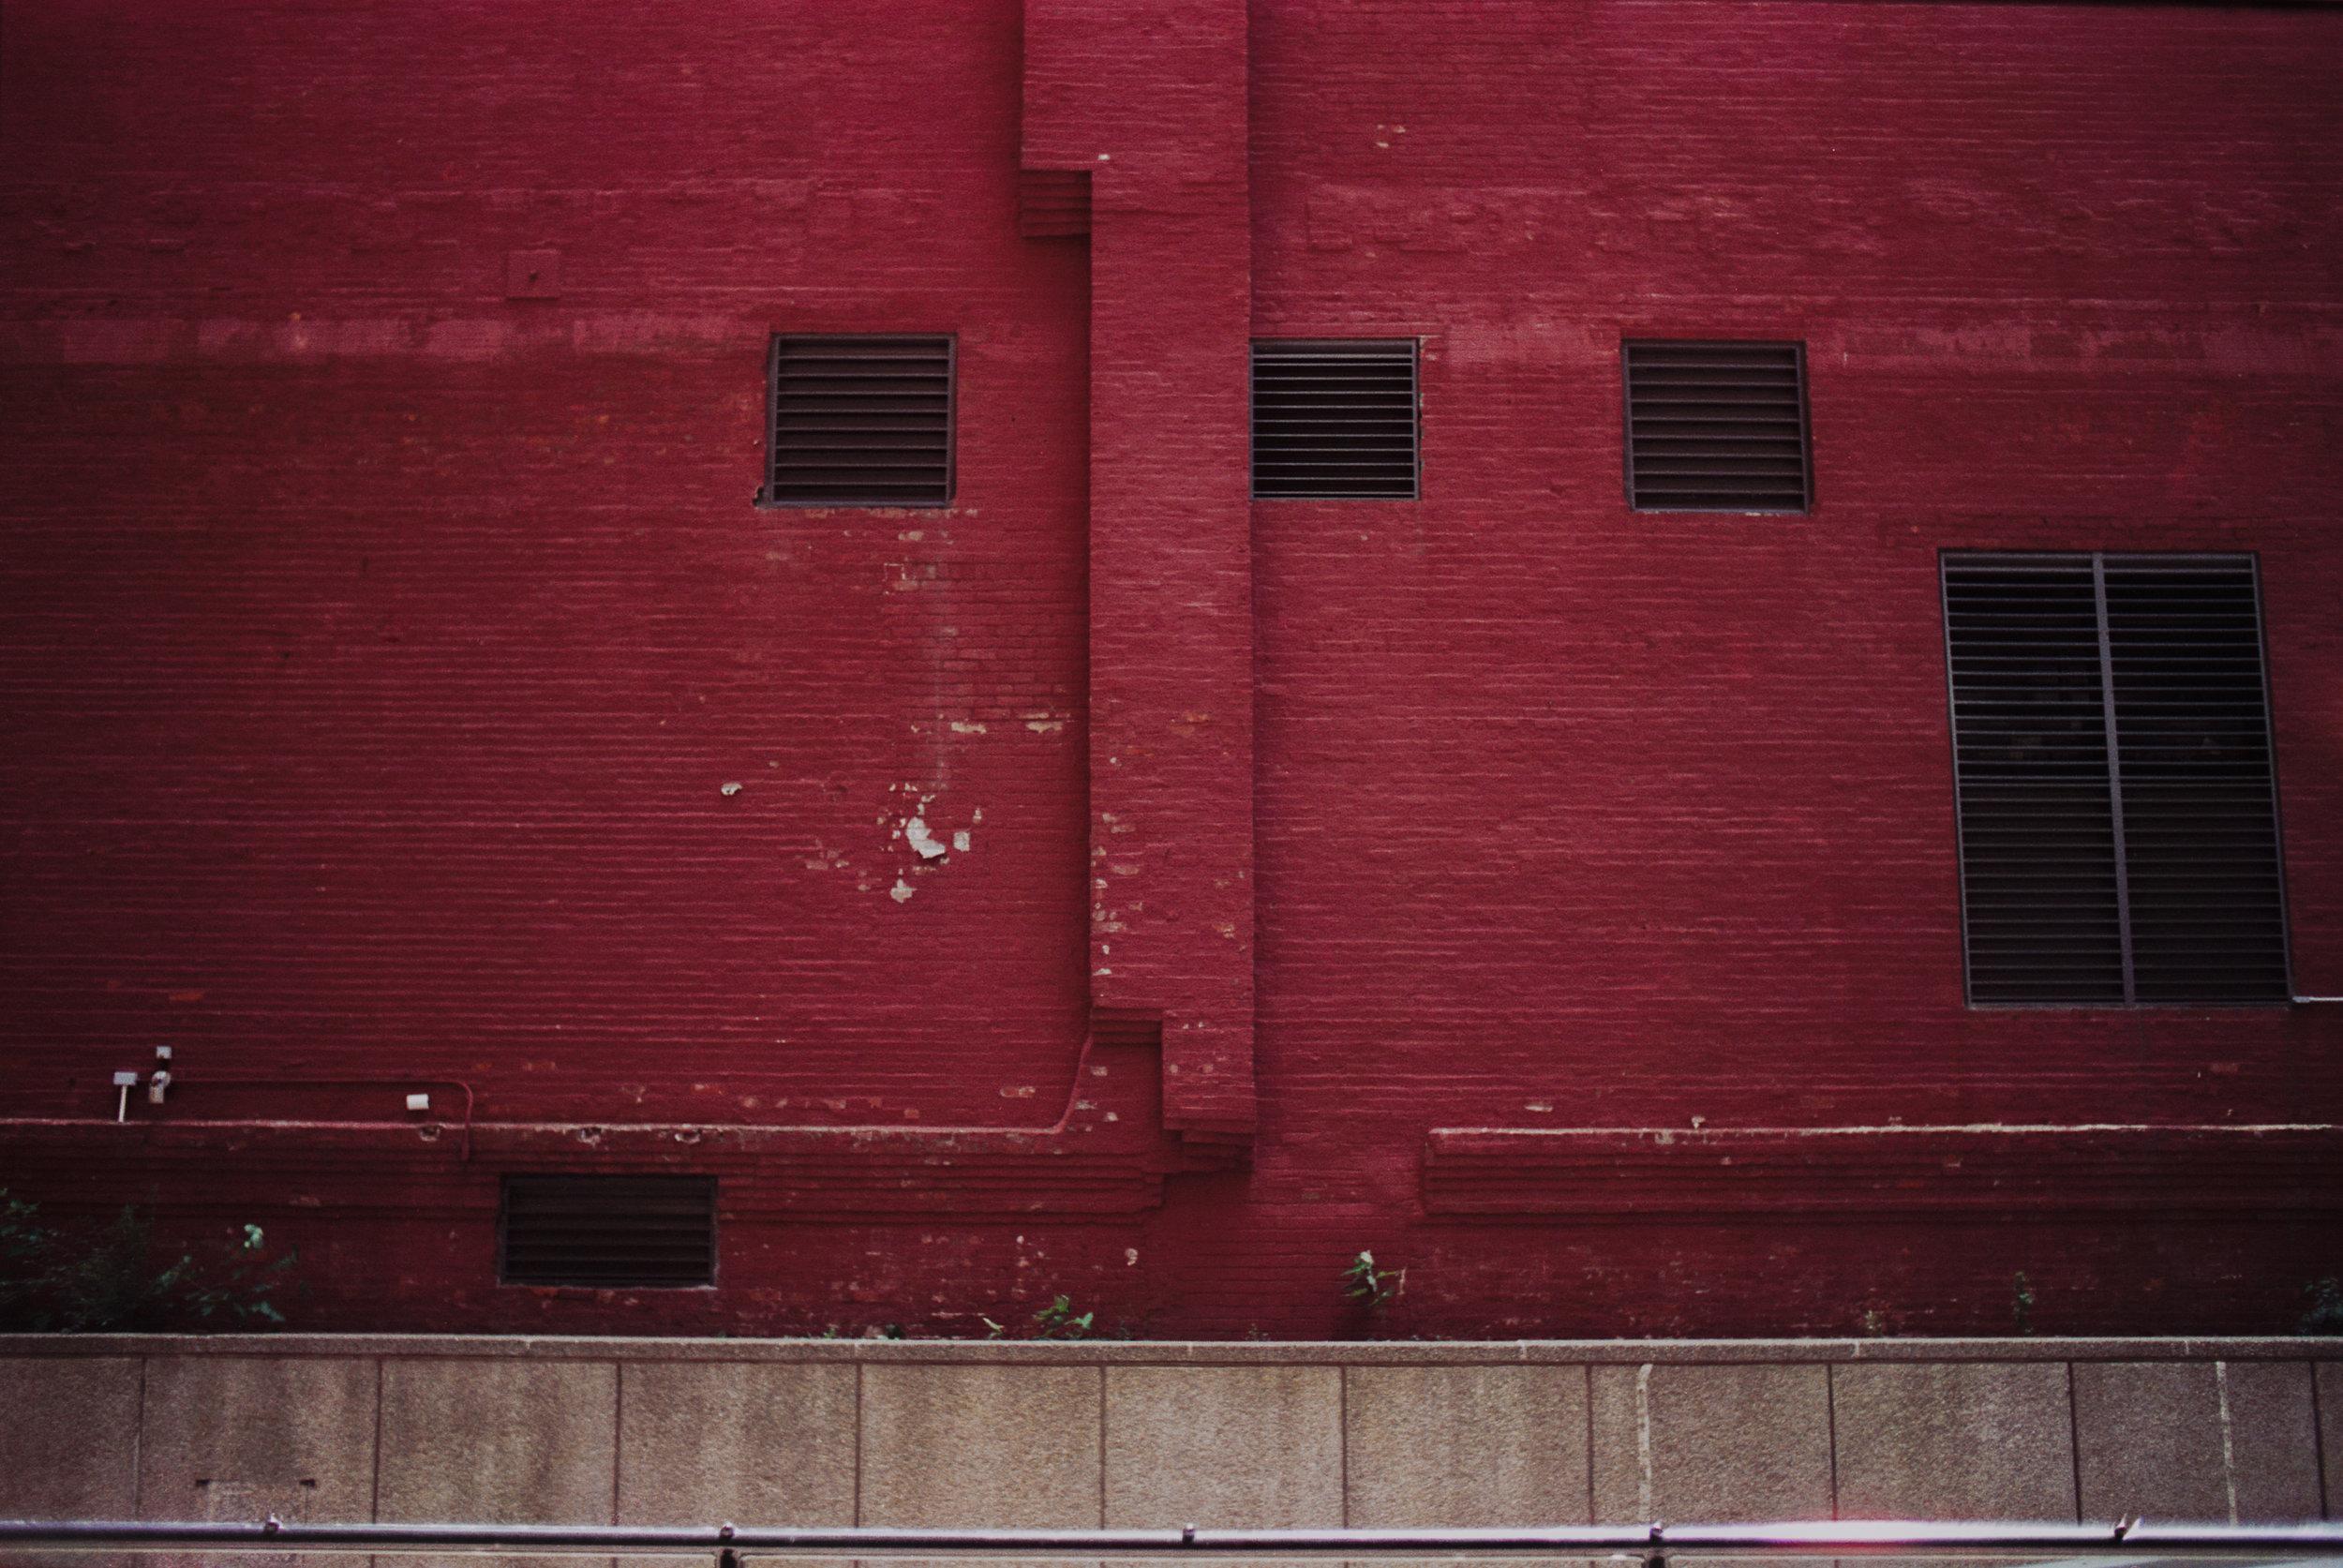 couleur-3.jpg